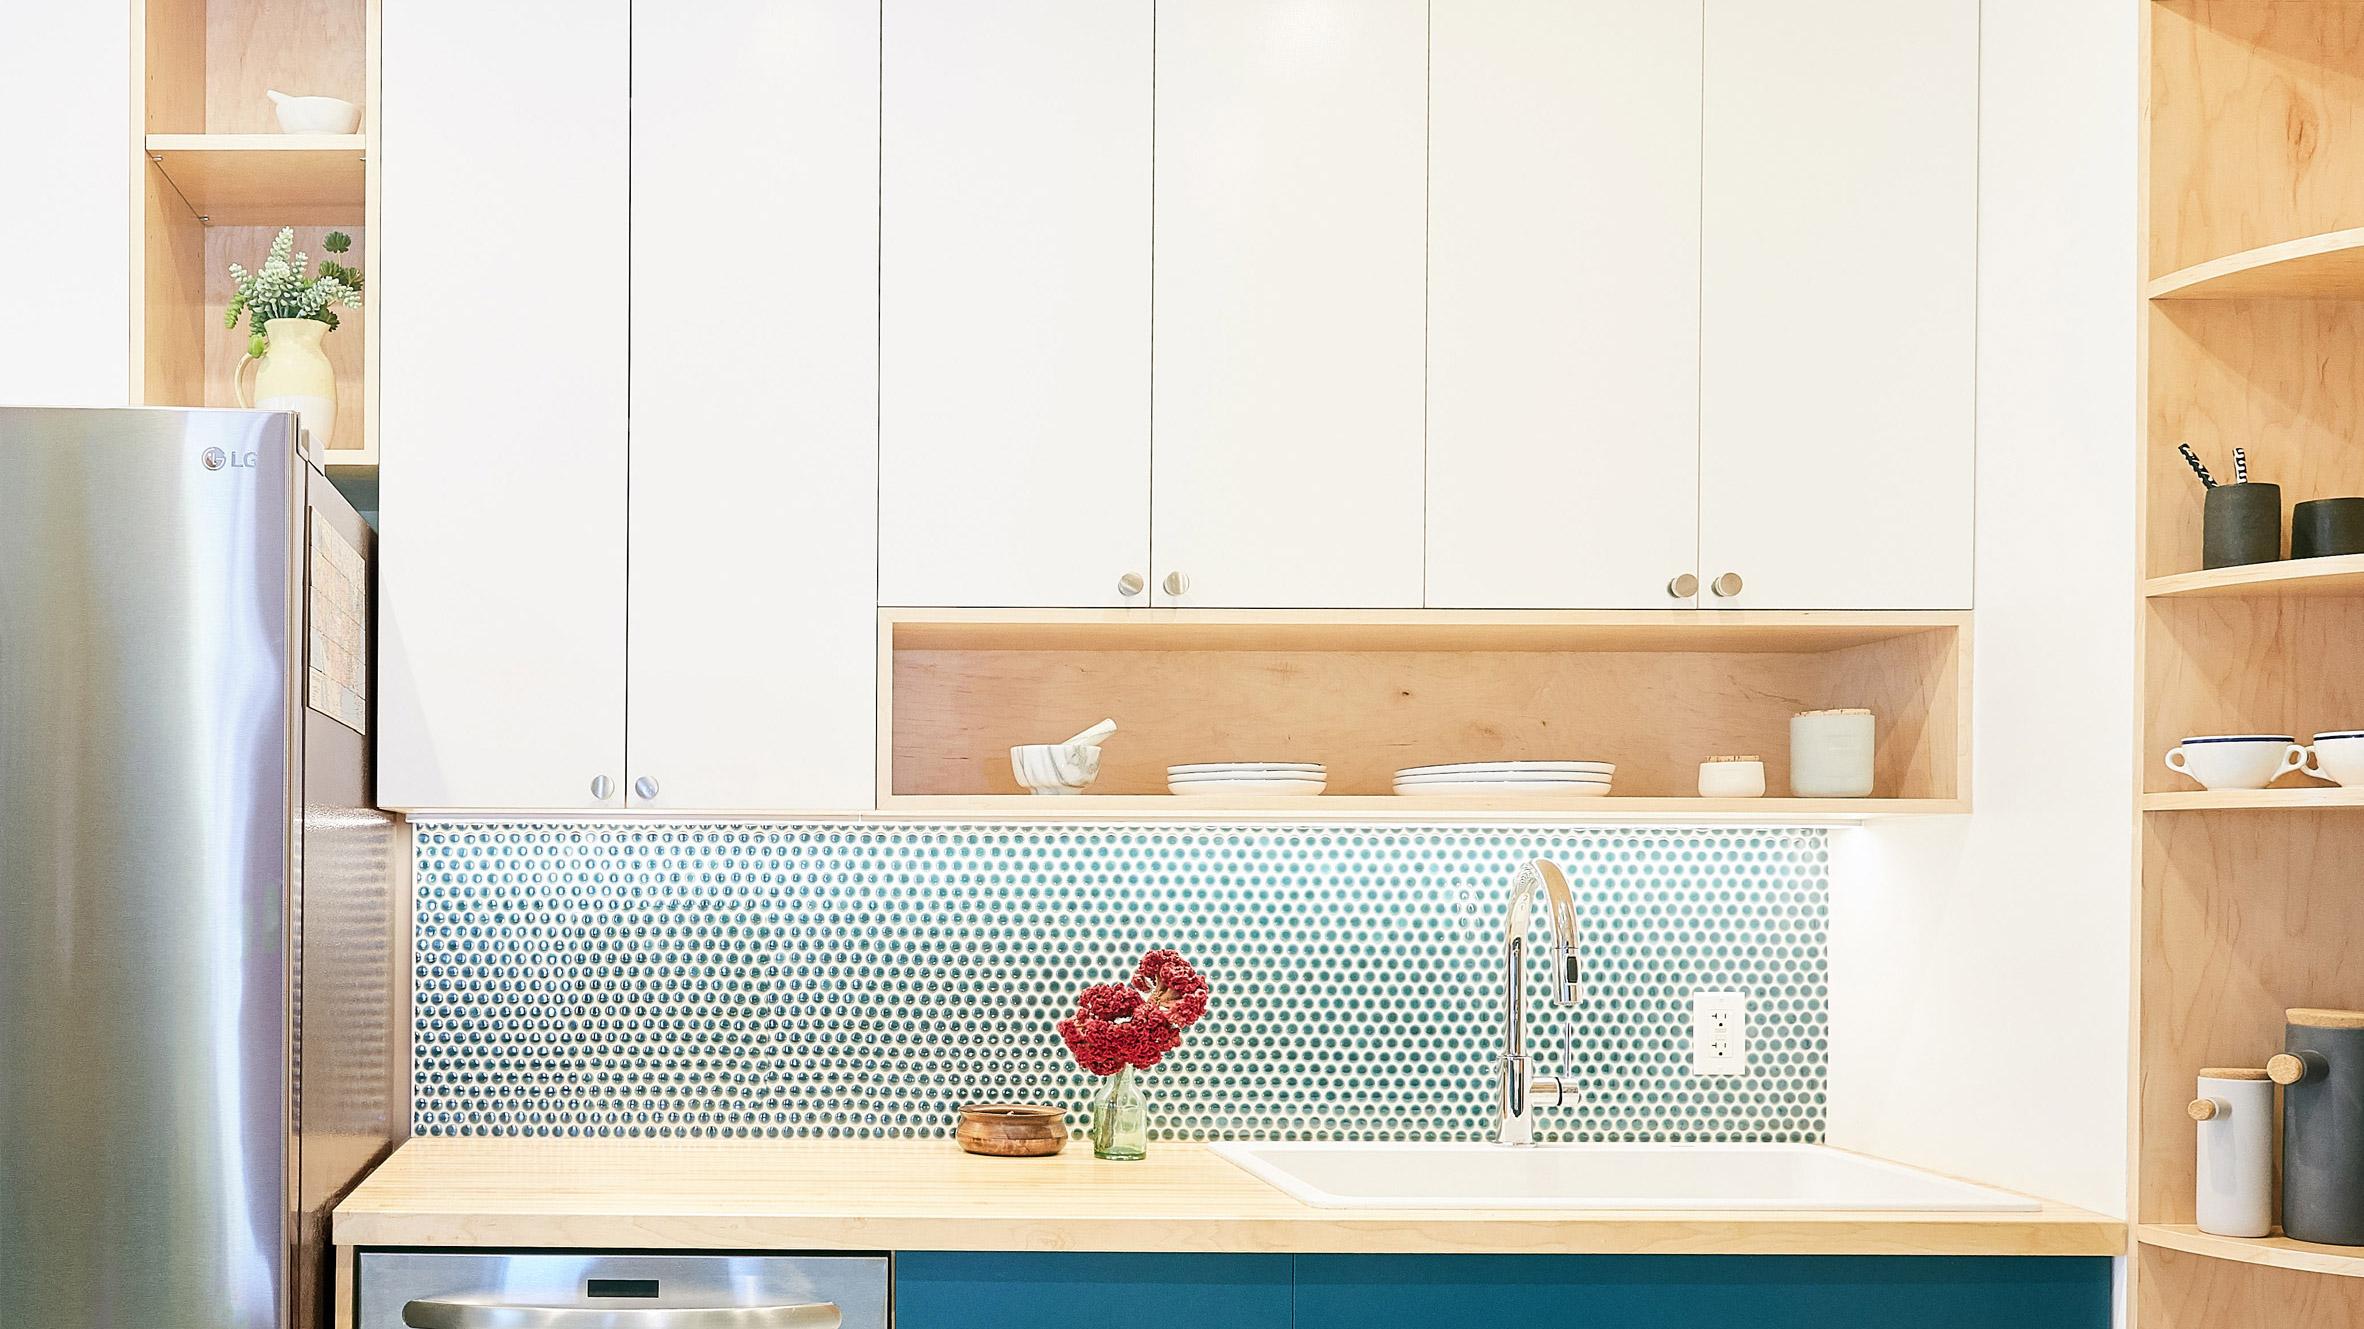 Handwerk преобразява кухня в Харлем с умни решения за пространството